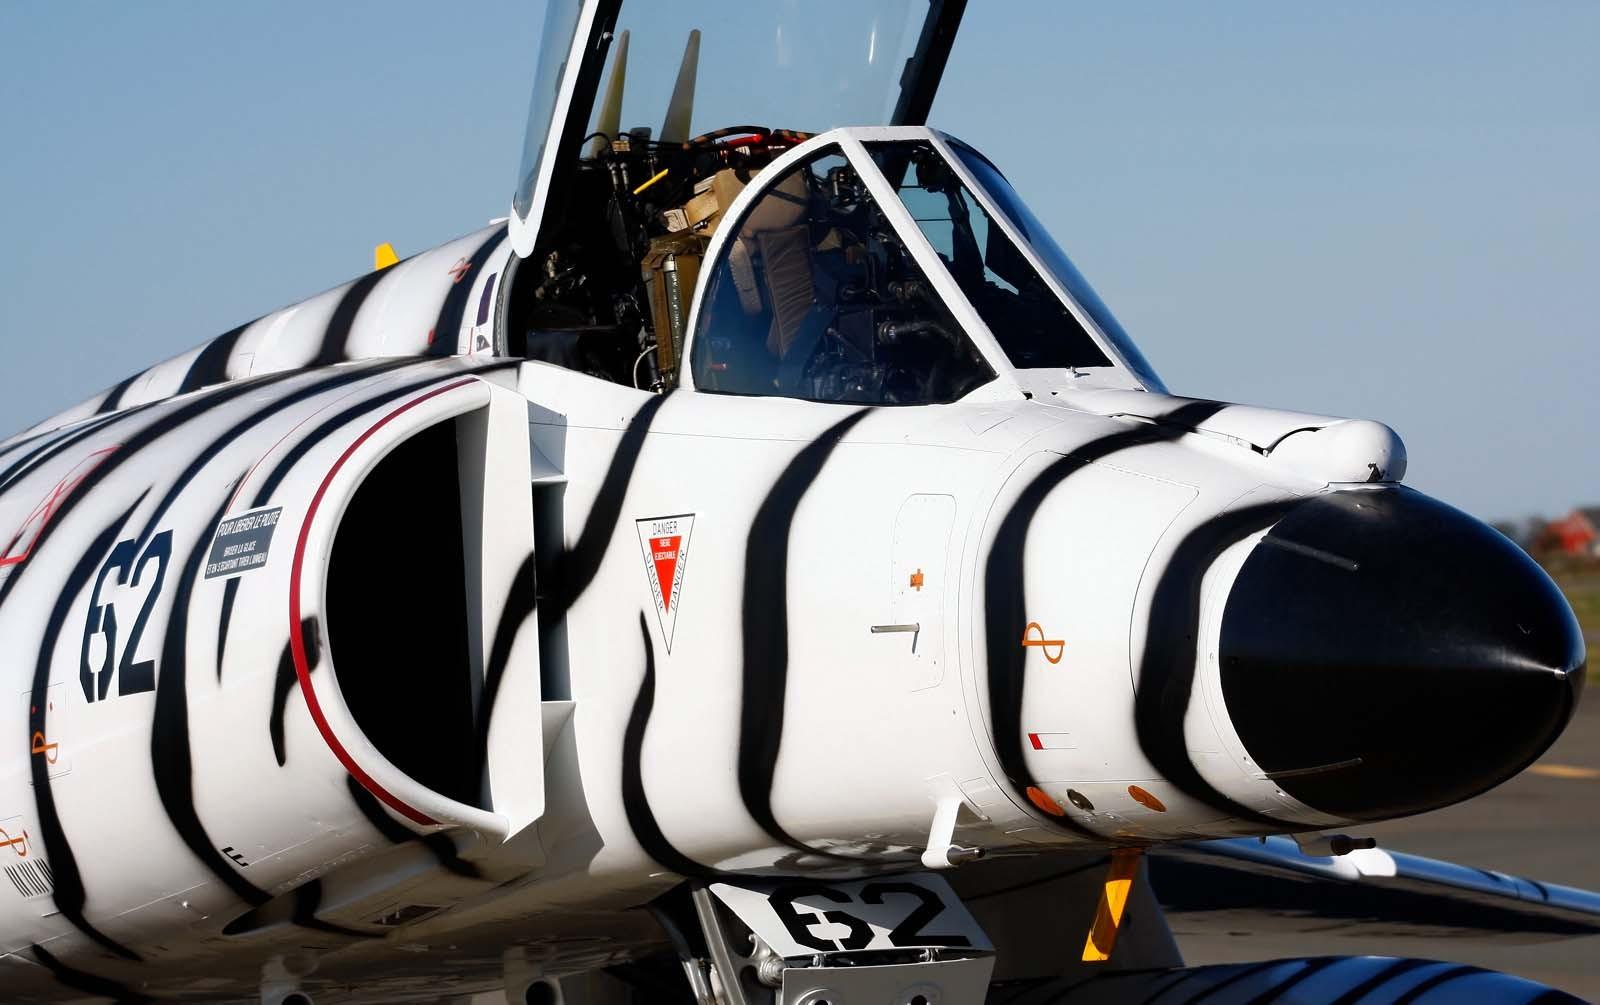 Avión pintado como cebra - 1600x1005